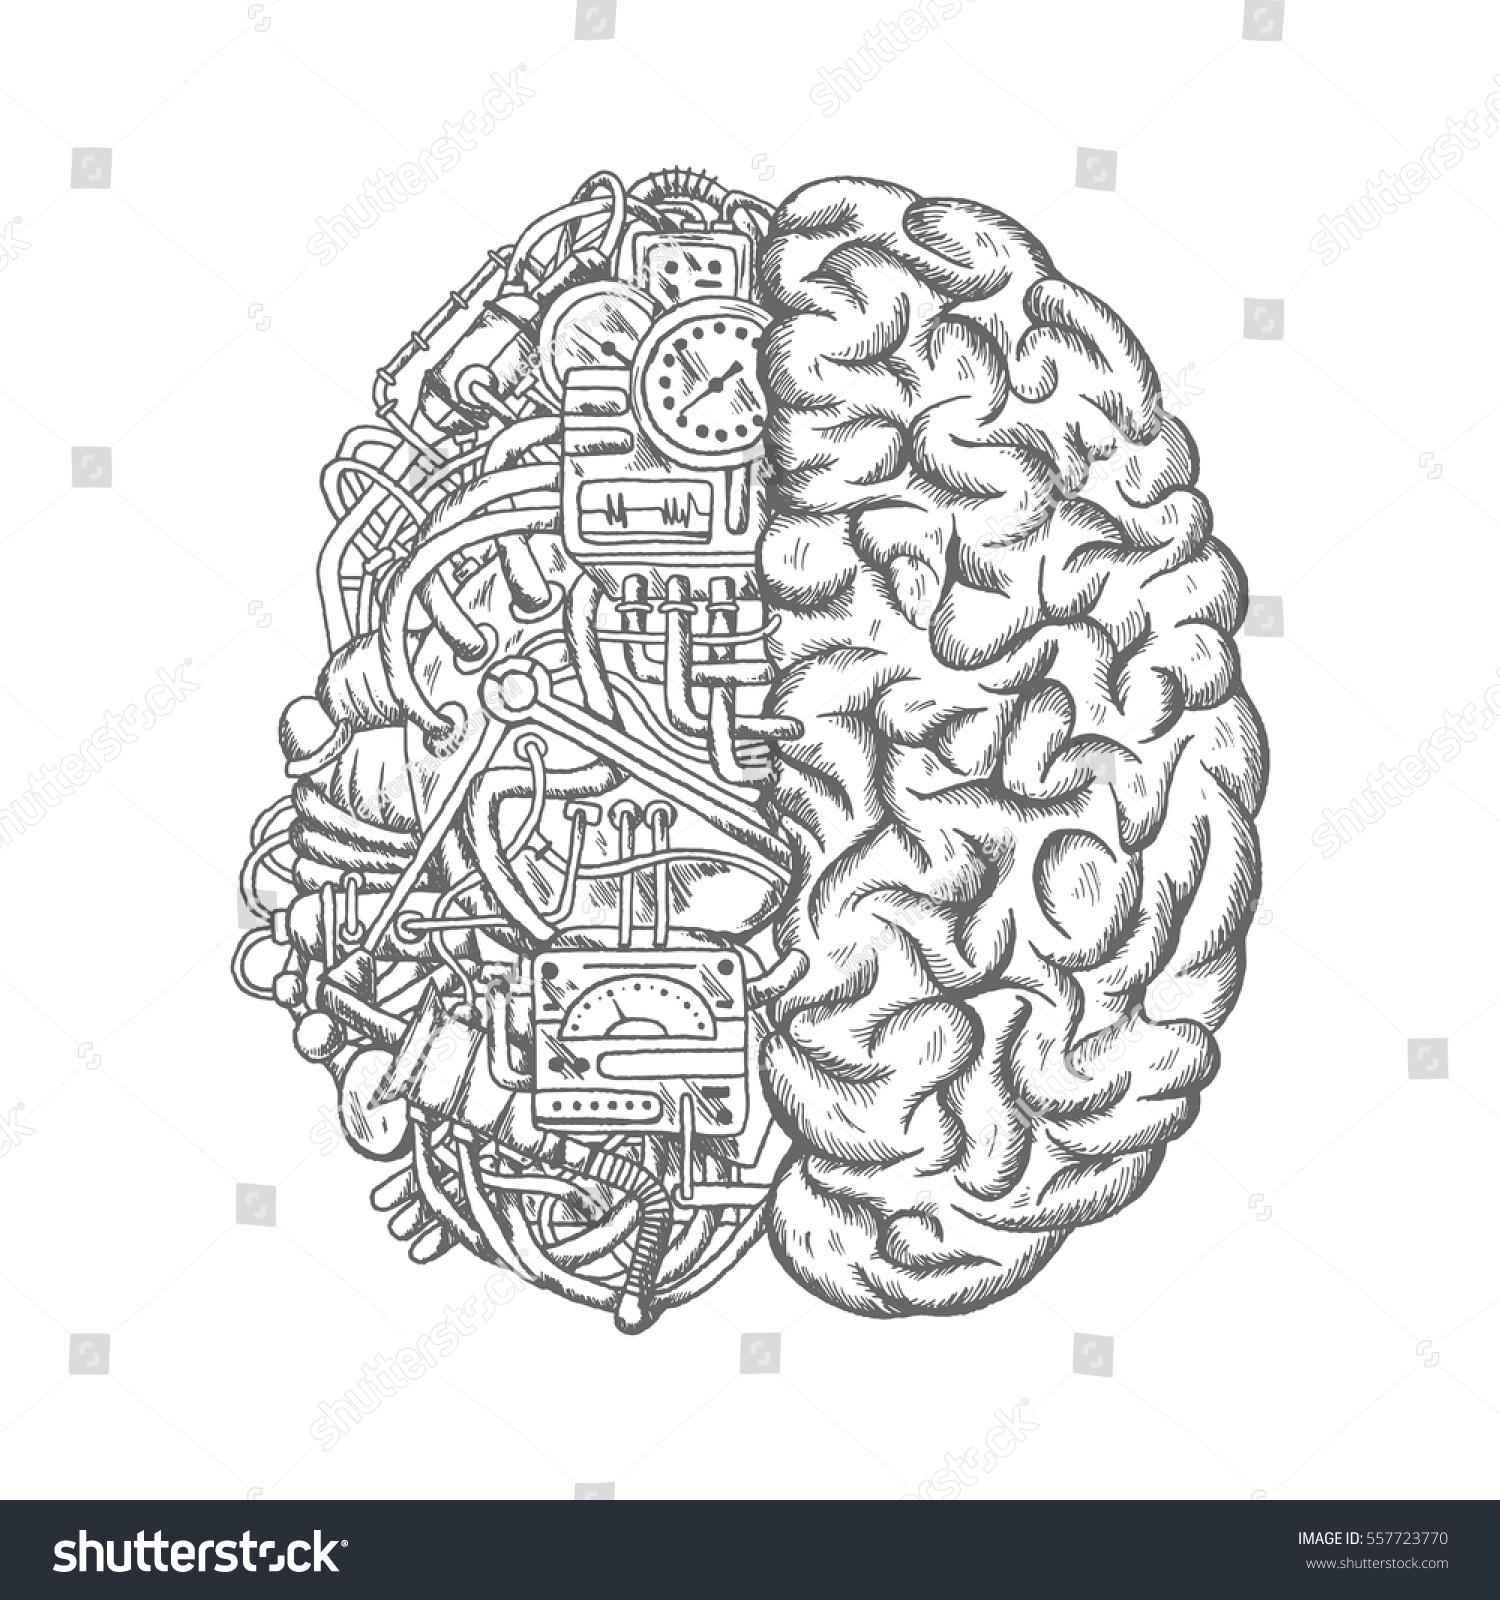 Human Internal Organ Images Stock Photos amp Vectors